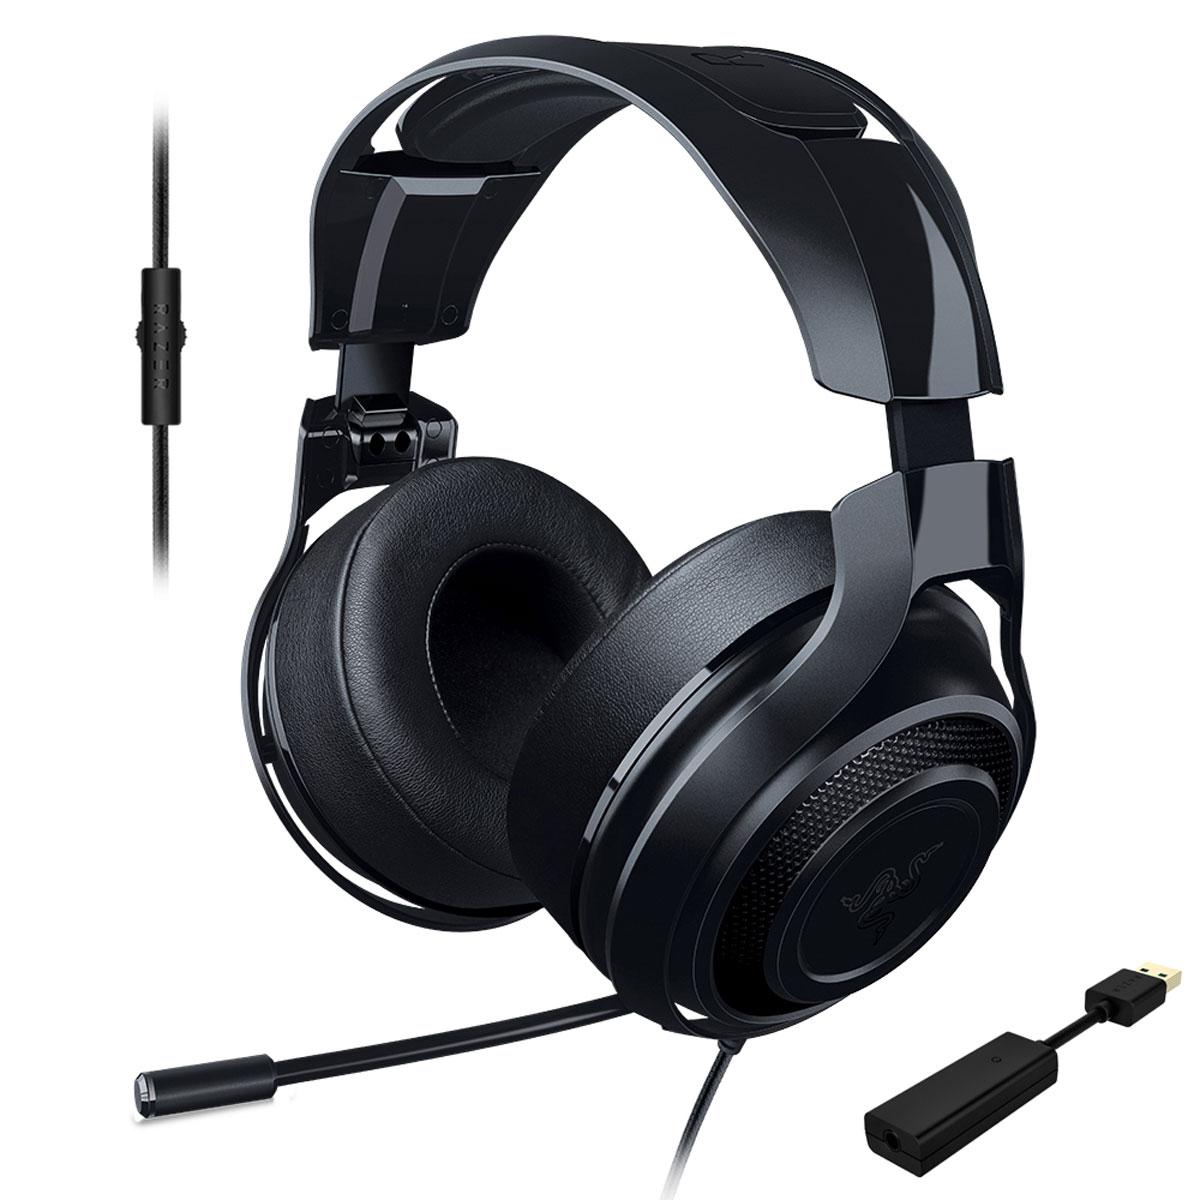 Razer ManO'War 7.1, Black игровые наушникиRZ04-01920200-R3G1Выйти на новый уровень звучания вам позволит игровая гарнитура Razer ManOWar 7.1. Благодаря современной системе виртуального объемного звука формата 7.1 и мягким, большим амбушюрам с хорошей шумоизоляцией вы словно оказываетесь в самом центре событий. Увеличенные динамики превосходного качества обеспечивают бесспорную реалистичность звукового окружения, а выдвижной микрофон позволяет с комфортом руководить победным наступлением.Заручитесь преимуществом абсолютного погружения в игру, которое дает вам Razer ManOWar 7.1, и наслаждайтесь торжеством победы в каждой битве.Гарнитура Razer ManOWar 7.1 оснащена запатентованной системой формирования виртуального объемного звука в формате 7.1. Система с самого начала разрабатывалась, чтобы дать возможность с головой уйти в игру. Специальный USB-адаптер обрабатывает аудио с минимальной задержкой и модулирует источник звука, формируя впечатляющее, реалистичное звуковое окружение.Гарнитура Razer ManOWar 7.1 обеспечивает реалистичное звучание игрового класса благодаря большим 50-миллиметровым динамикам с индивидуальной настройкой. Закрытая конструкция наушников и мягкая окантовка по краю амбушюр гарантируют качественную шумоизоляцию. Вы сможете уделять все внимание игре, не отвлекаясь на посторонние звуки.Настраивайте звук в пылу сражений, используя аналоговый MEMS-микрофон со встроенным пультом. Гибкий телескопический микрофон выдвигается из левого амбушюра тогда, когда вам нужно. Вы можете его точно отрегулировать, чтобы добиться кристально четкого звучания.Кросс-платформенная совместимость обеспечивается благодаря отсоединяемому USB ЦАПу. К примеру, вы сможете мгновенно переключить гарнитуру Razer ManO'War 7.1 с ПК на мобильное устройство. На проводе имеется пульт управление громкостью, а микрофон убирается внутрь чашки наушников.Микрофон:Выдвижная конструкция микрофонаКнопка отключения микрофона на проводеЧастотные характеристики: 100–10000 ГцСоотношение сигнал/шум: >